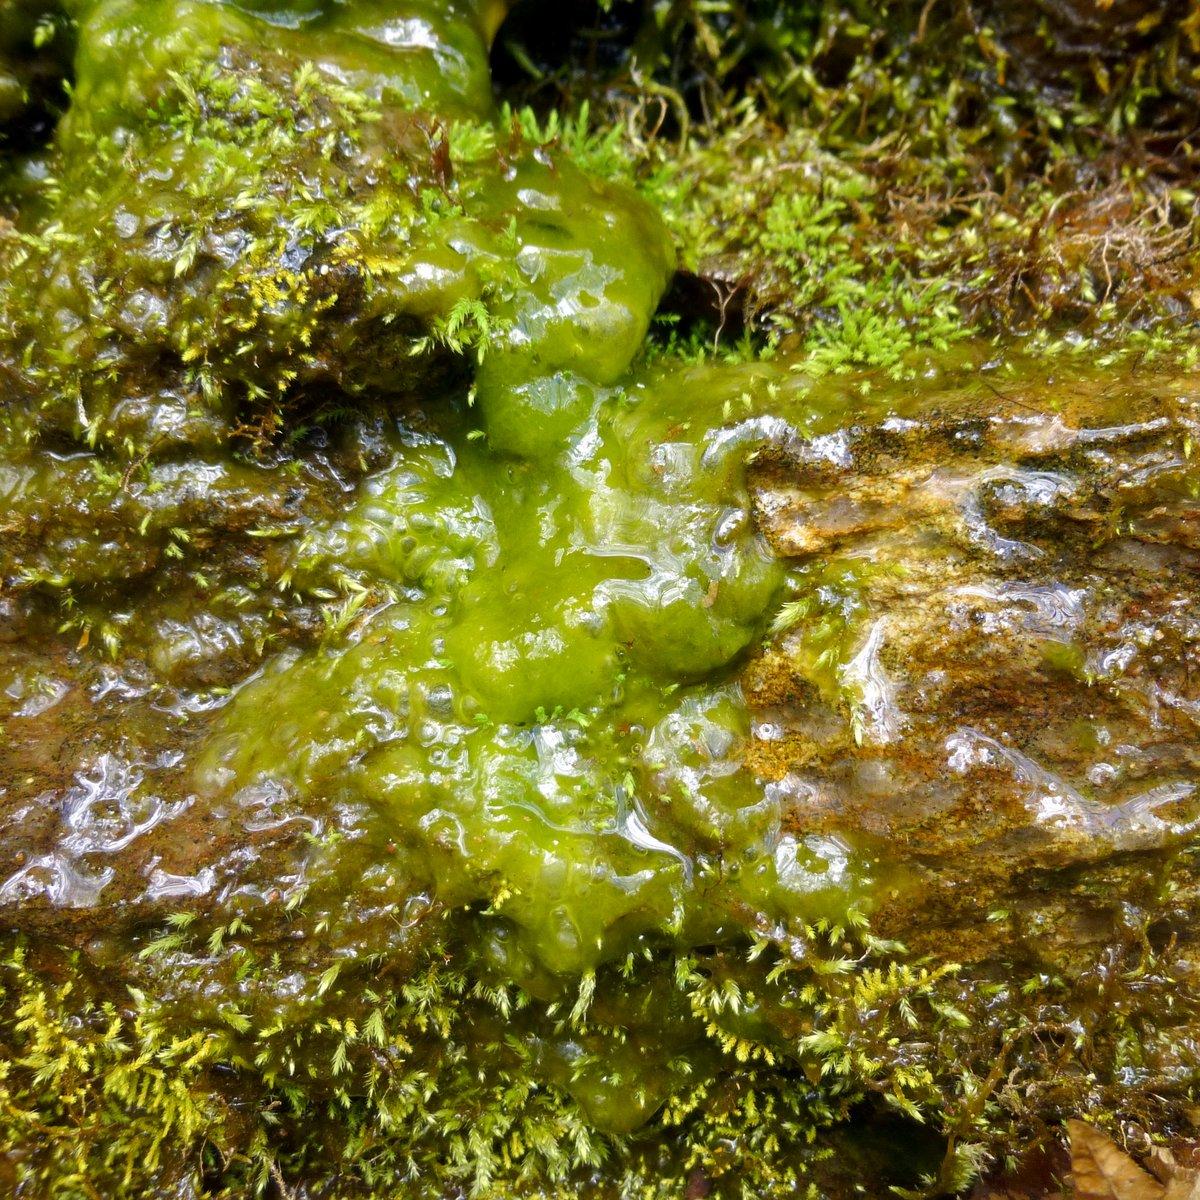 7. Algae